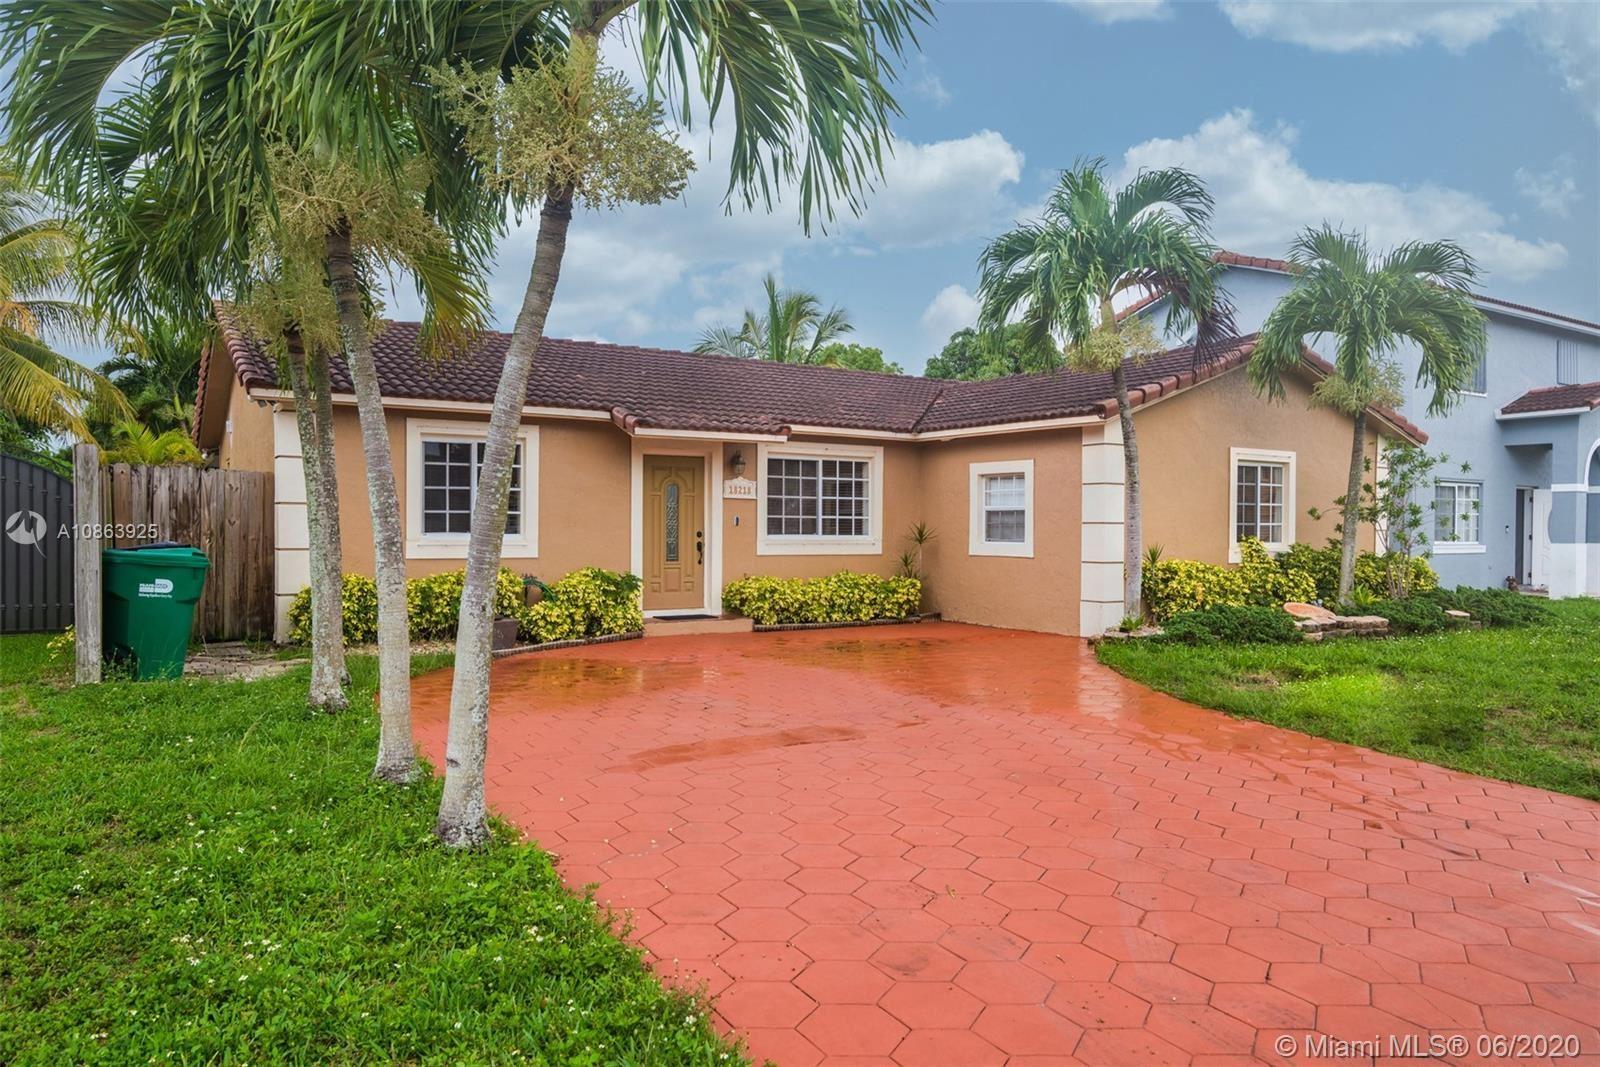 18218 SW 154th Ct, Miami, FL 33187 - #: A10863925